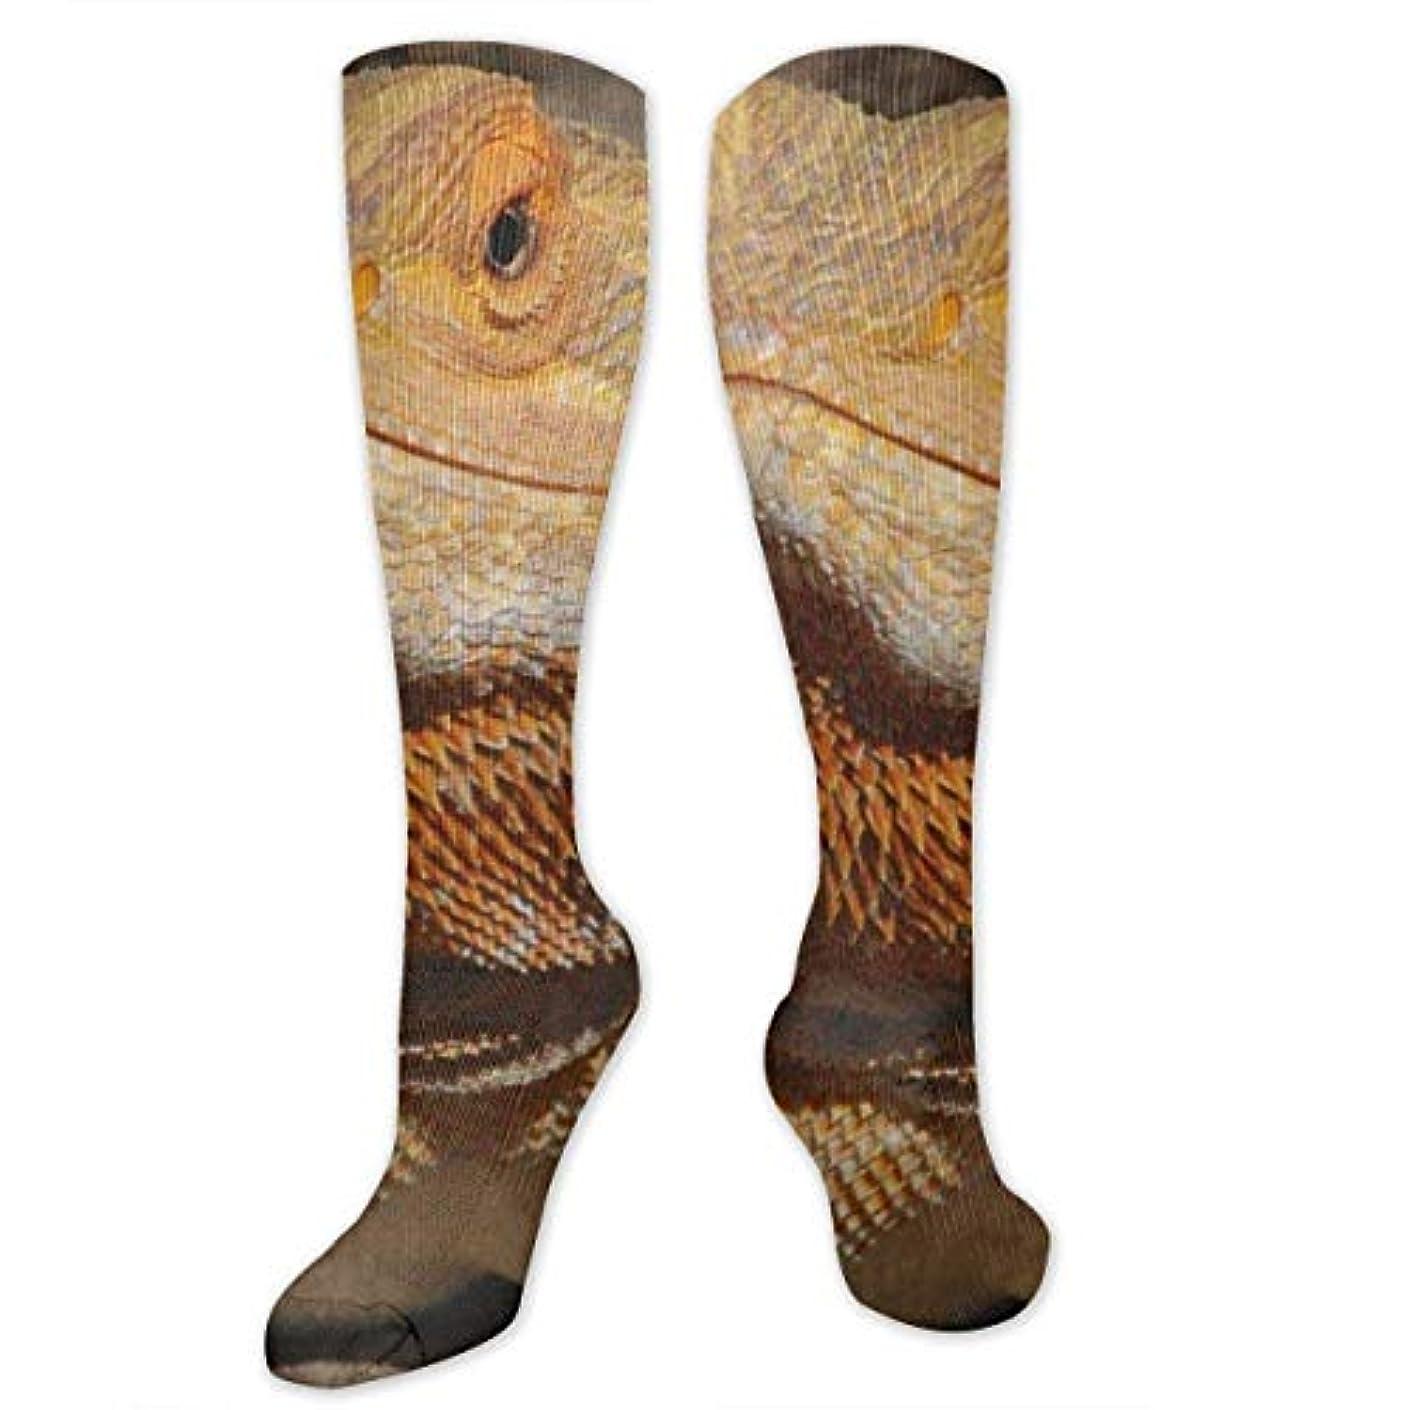 チャールズキージングチャーター最大限靴下,ストッキング,野生のジョーカー,実際,秋の本質,冬必須,サマーウェア&RBXAA Bearded Dragon Interest Socks Women's Winter Cotton Long Tube Socks...